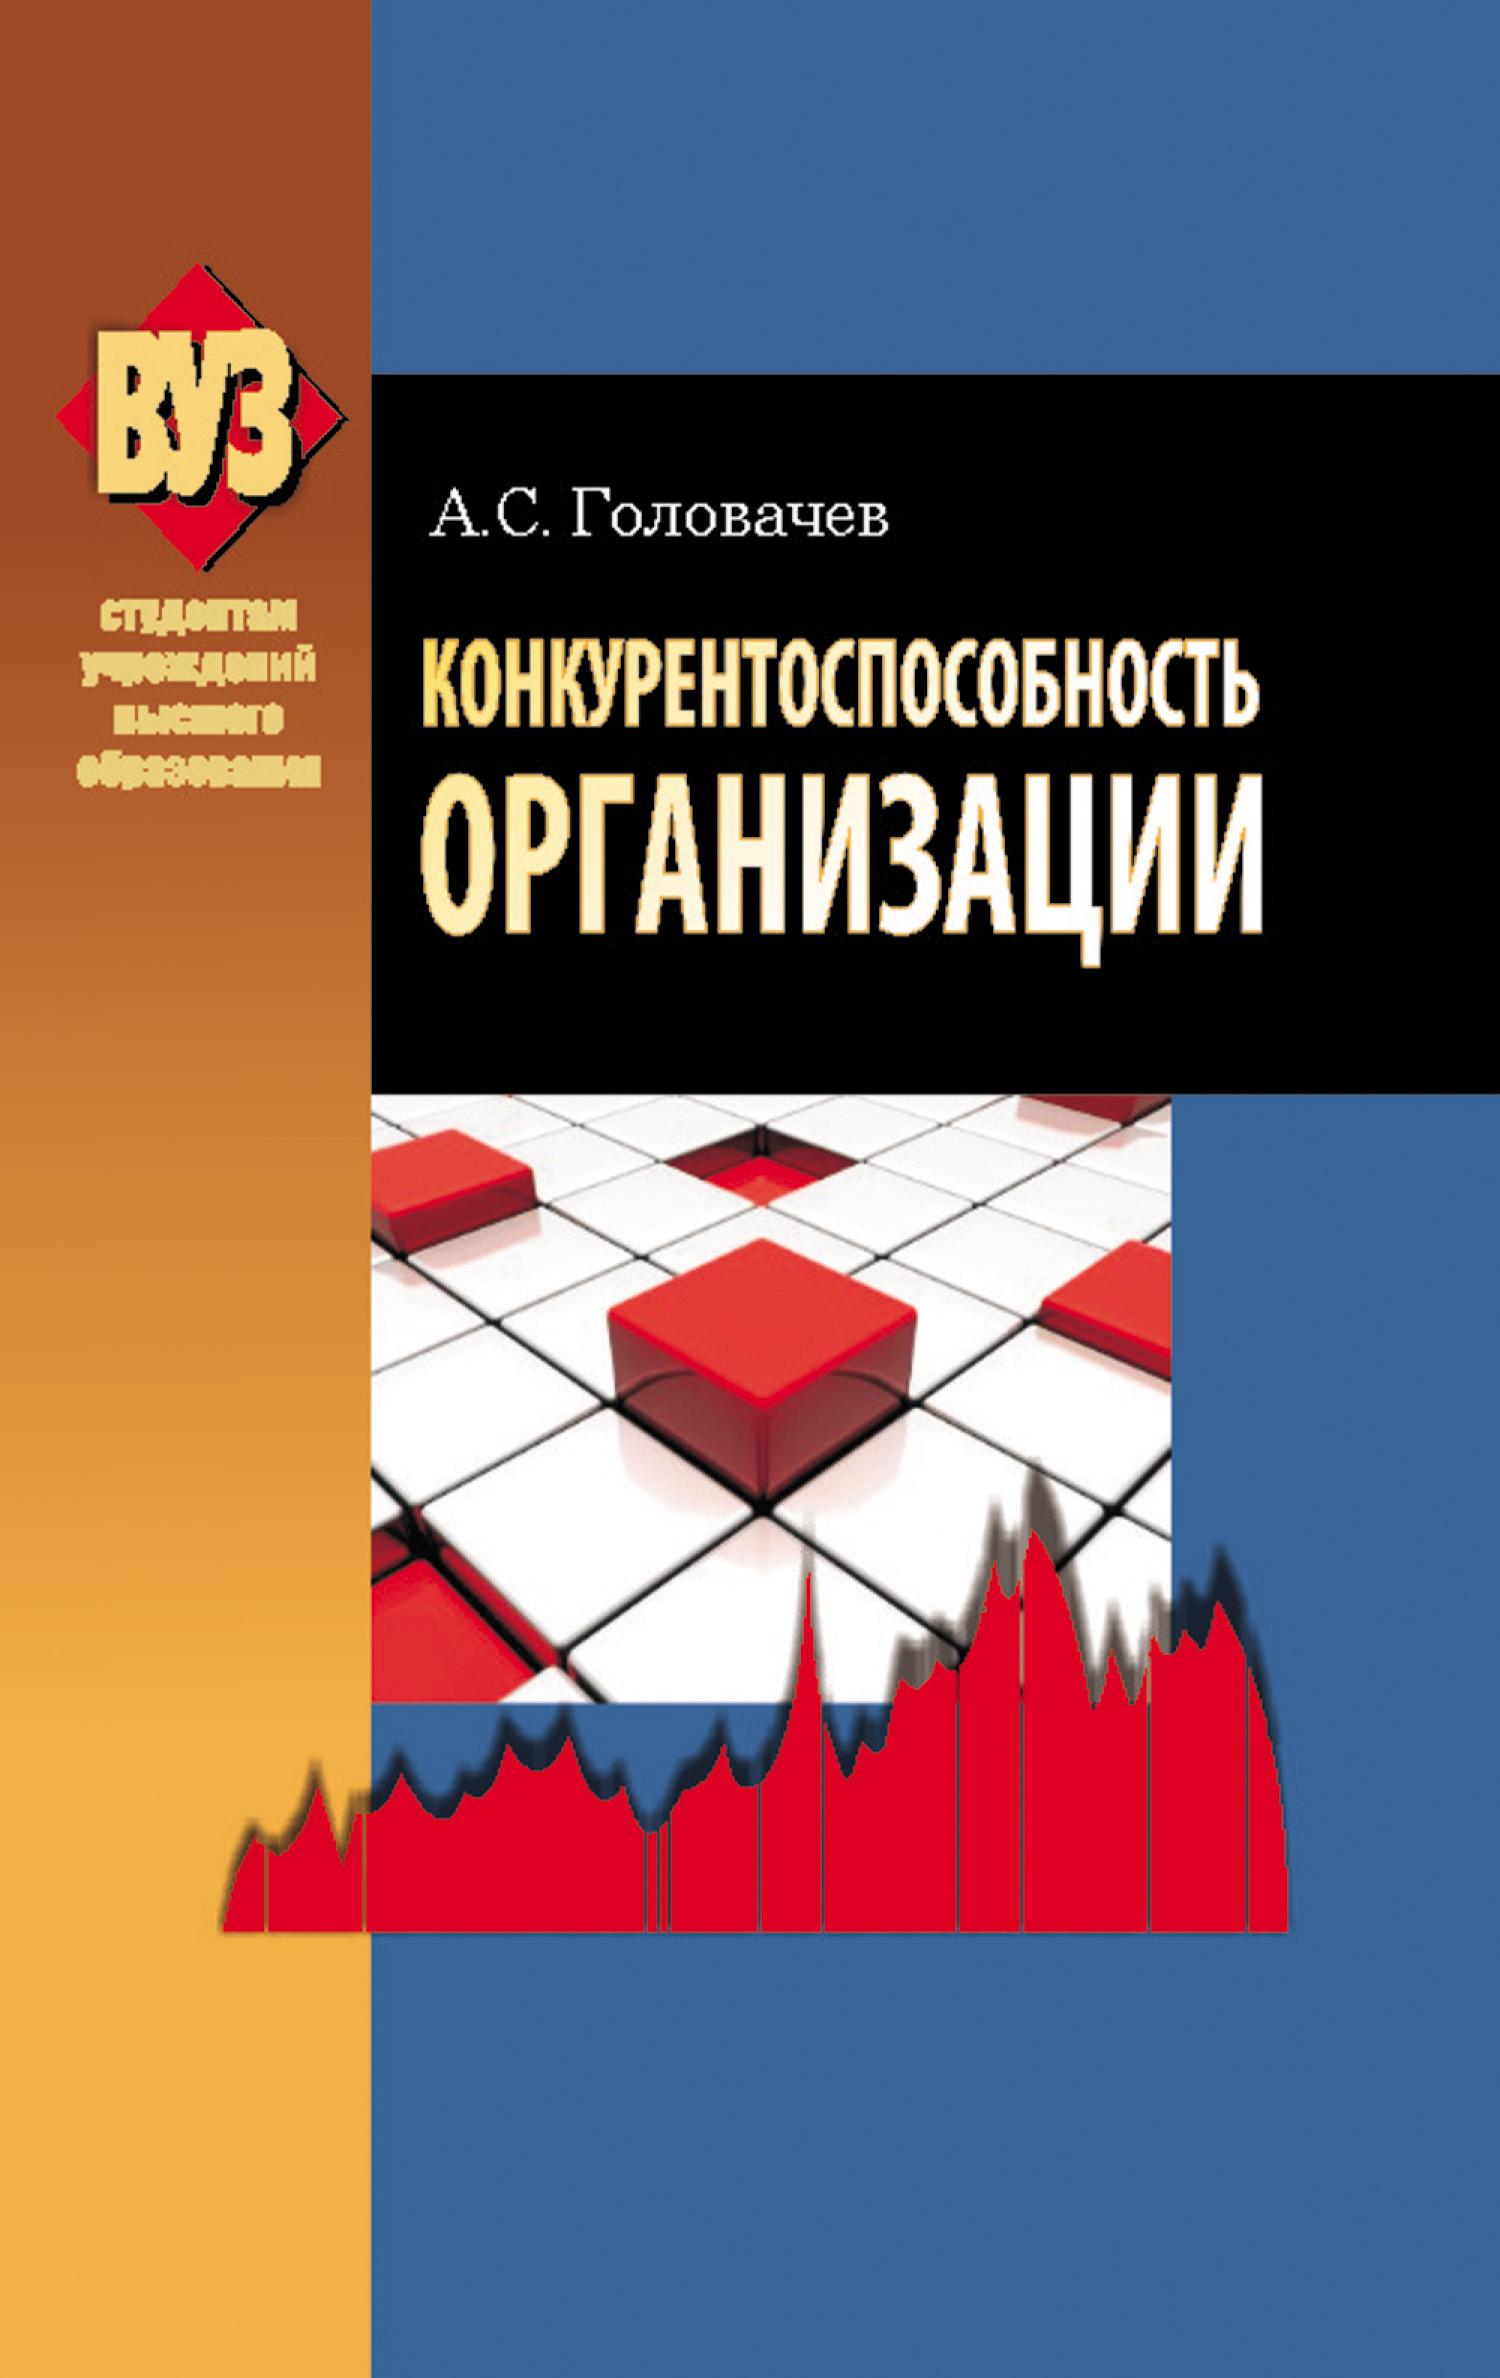 А. С. Головачев Конкурентоспособность организации